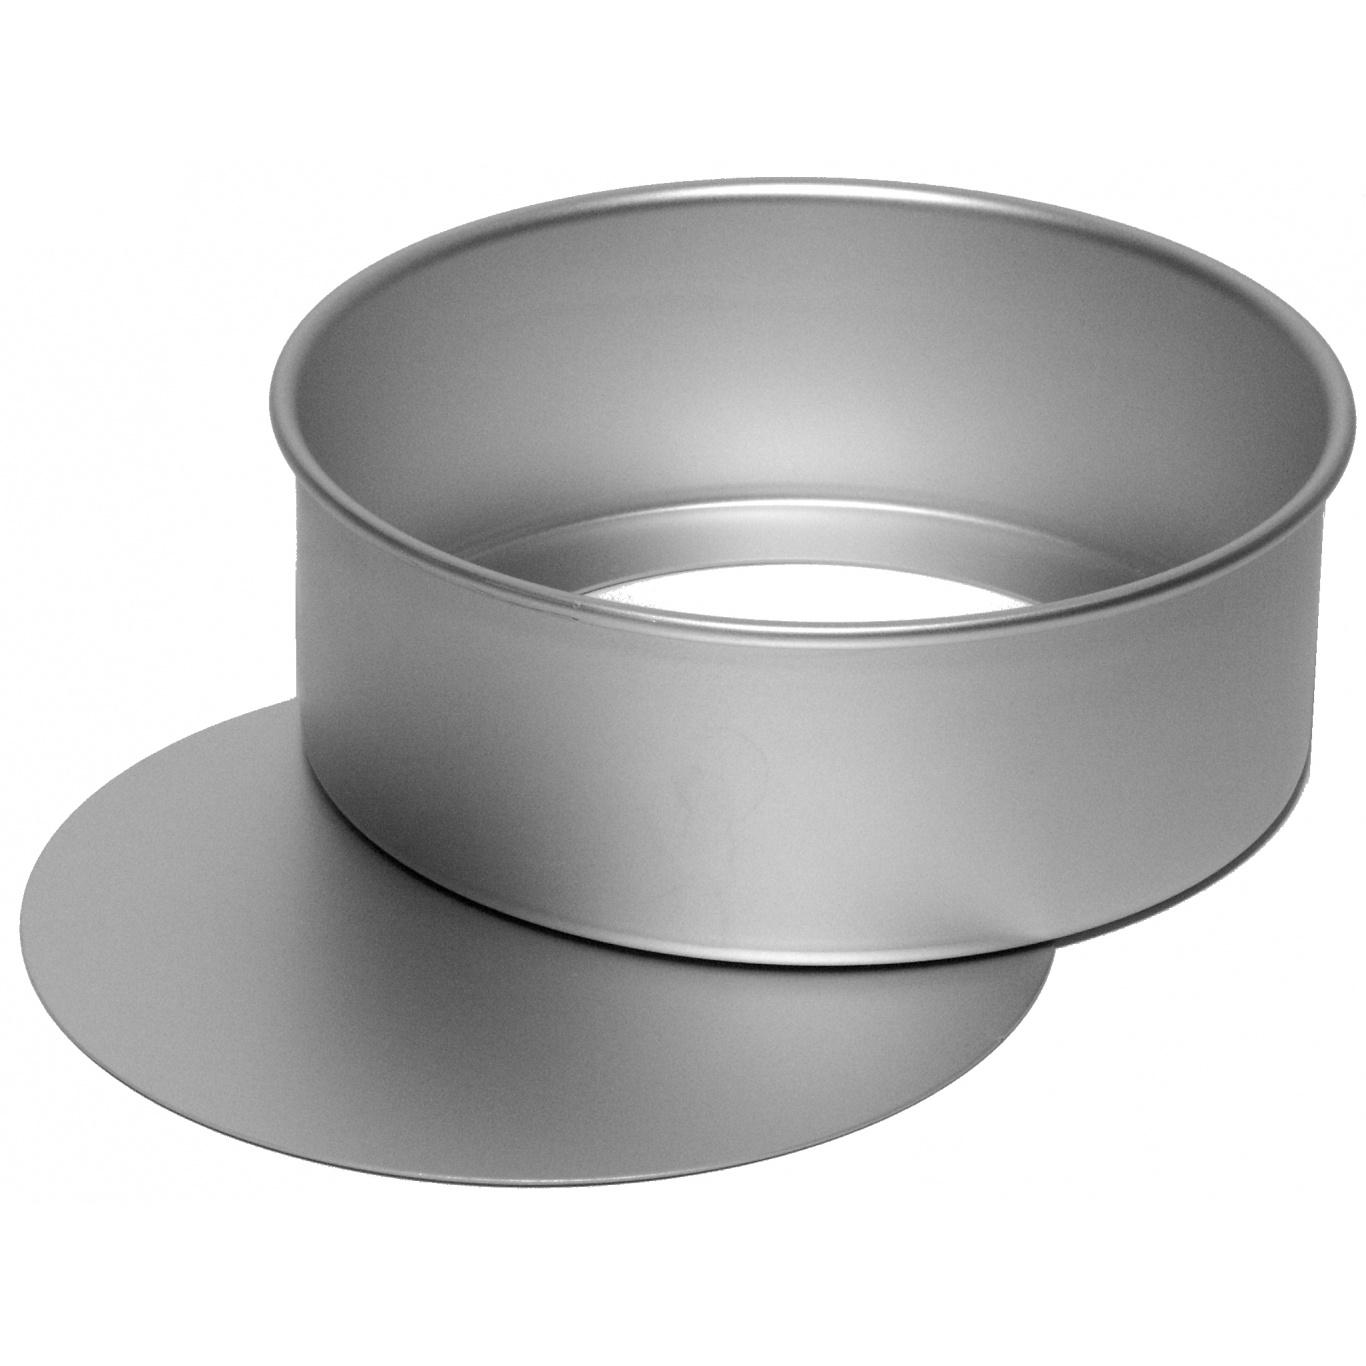 Image of Silverwood Round Cake Pan Loose Base 9ins/23cm